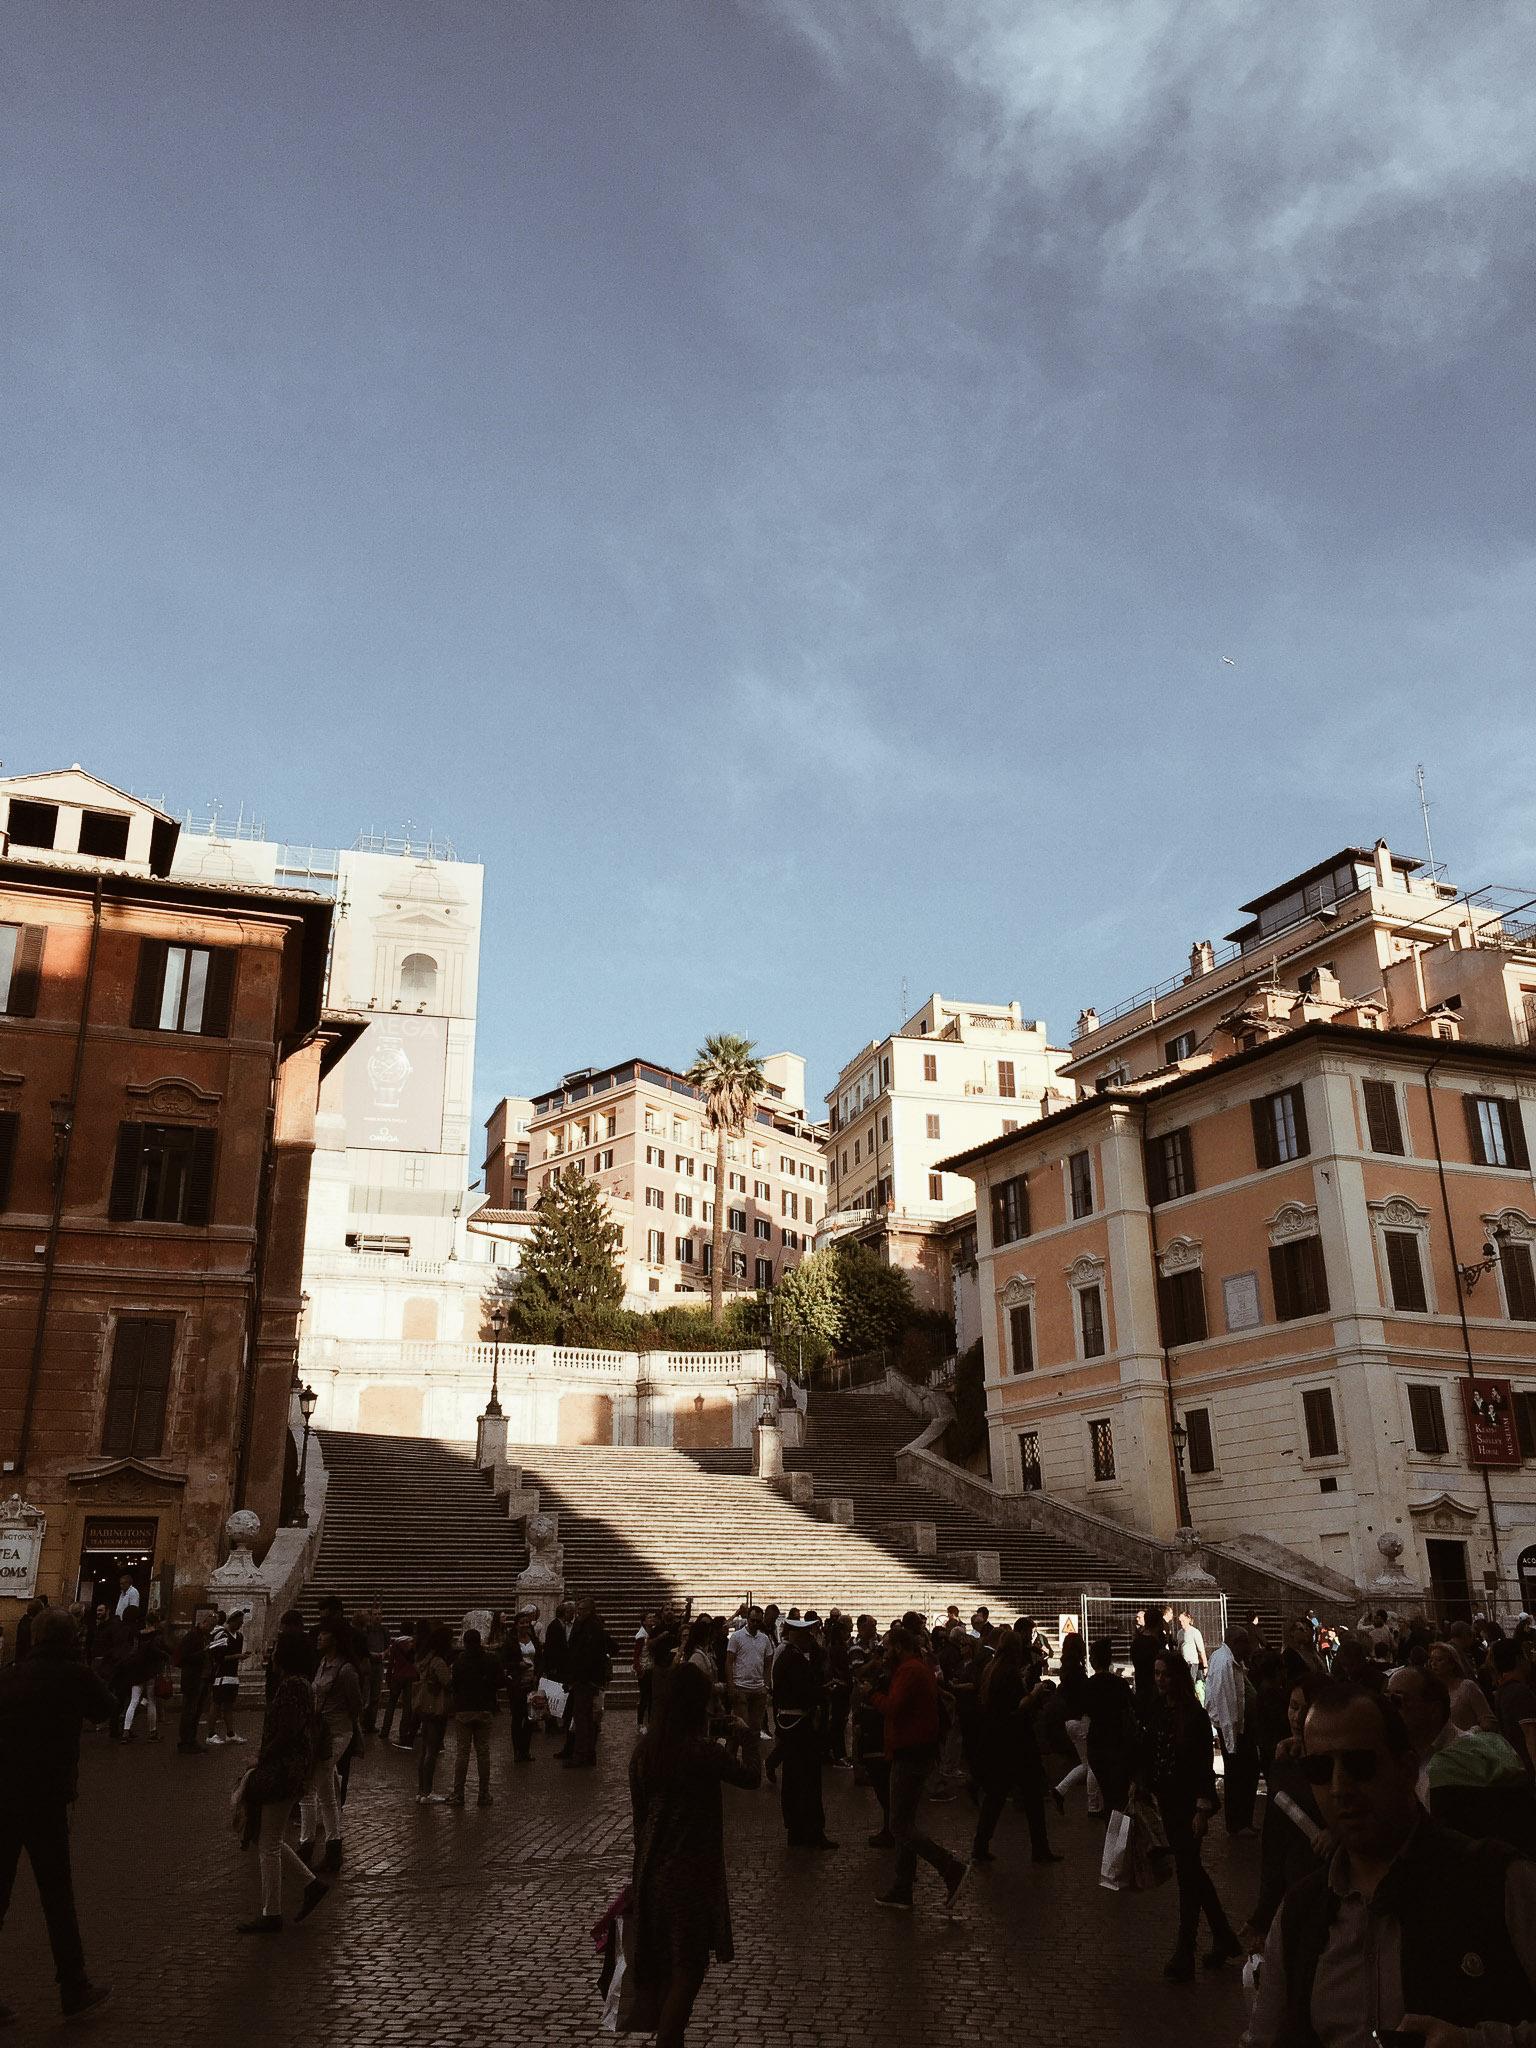 Spanish Steps in Rome.jpg